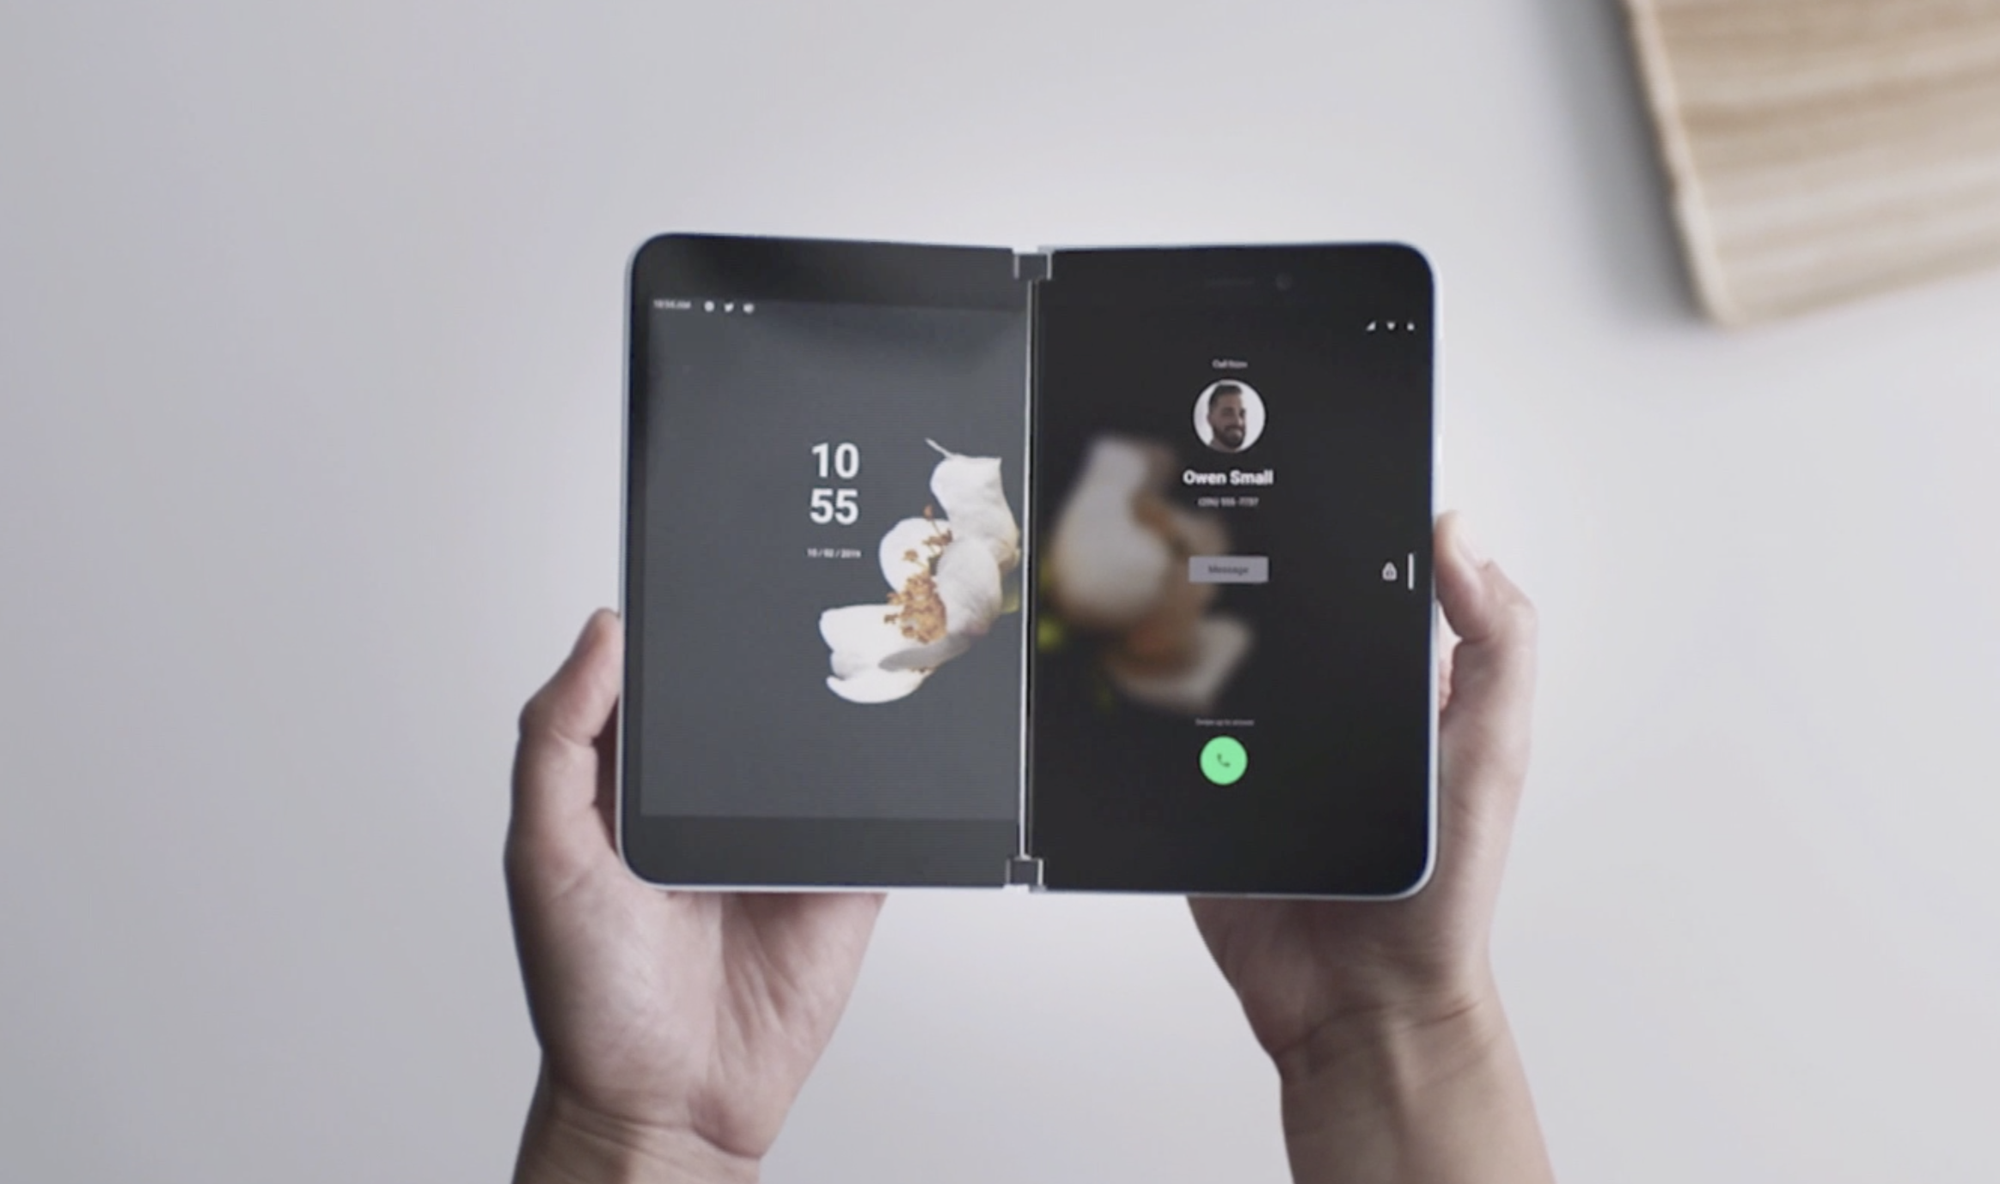 iPhone màn hình gập có thể đánh bại Microsoft Surface bằng tính năng này - Ảnh 1.